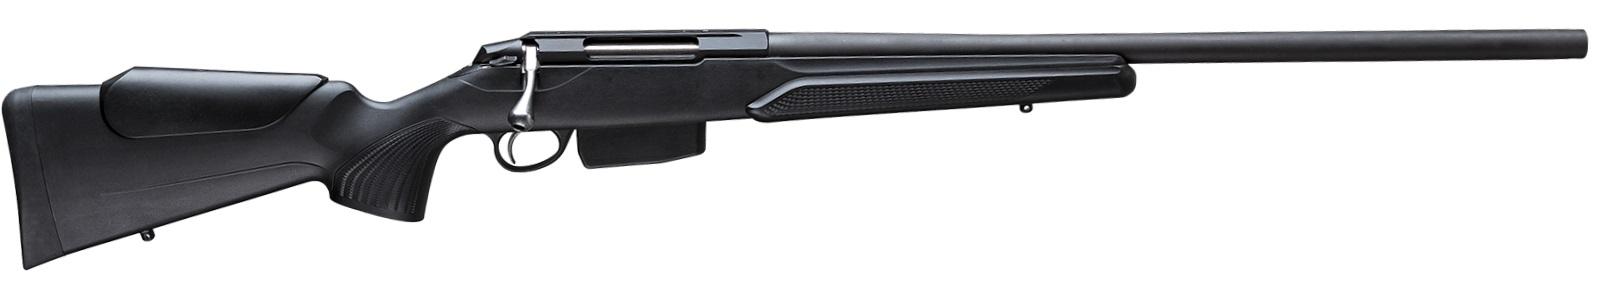 Beretta T3X Varmint 223 Rem